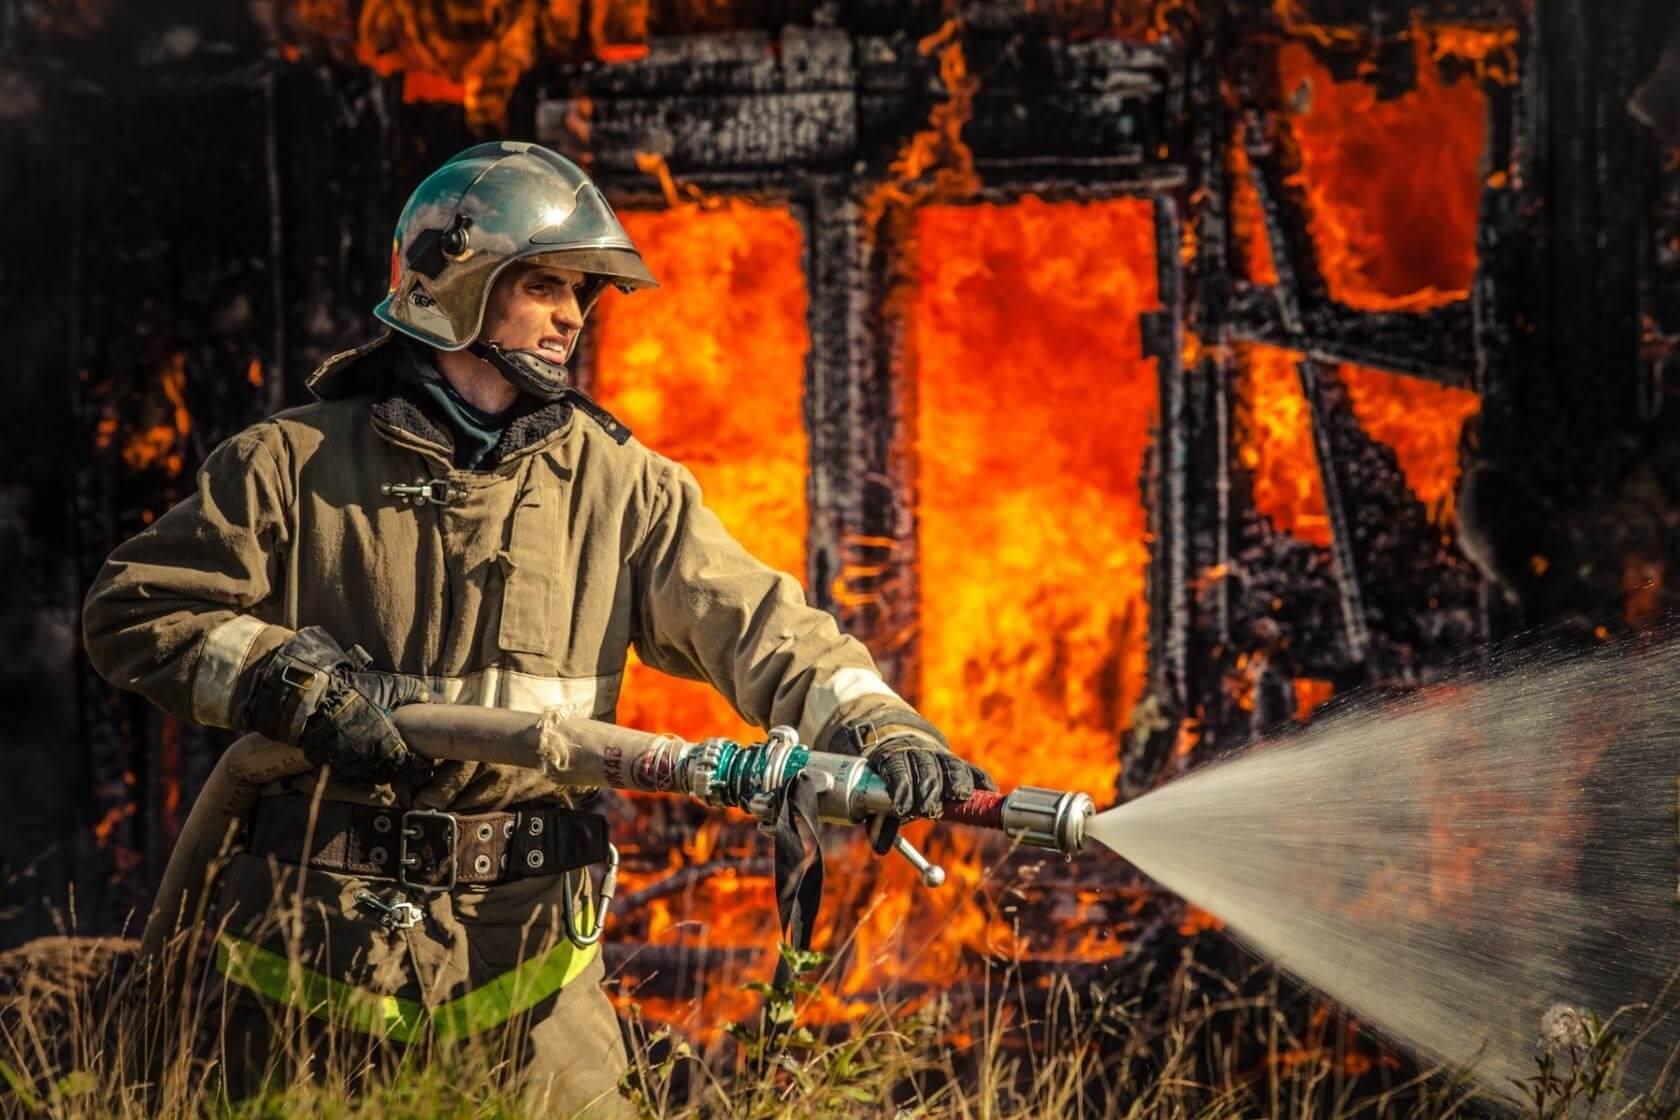 С Днем Пожарной охраны!